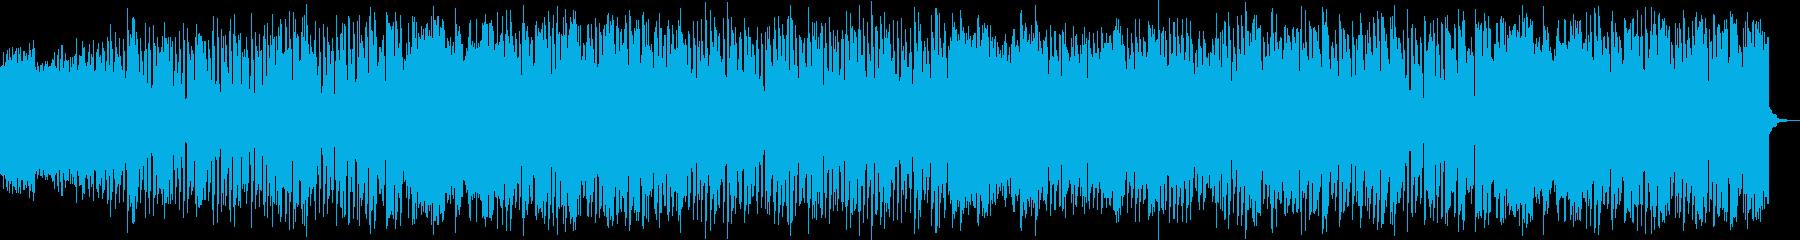 ノリの良いバトルミュージックの再生済みの波形